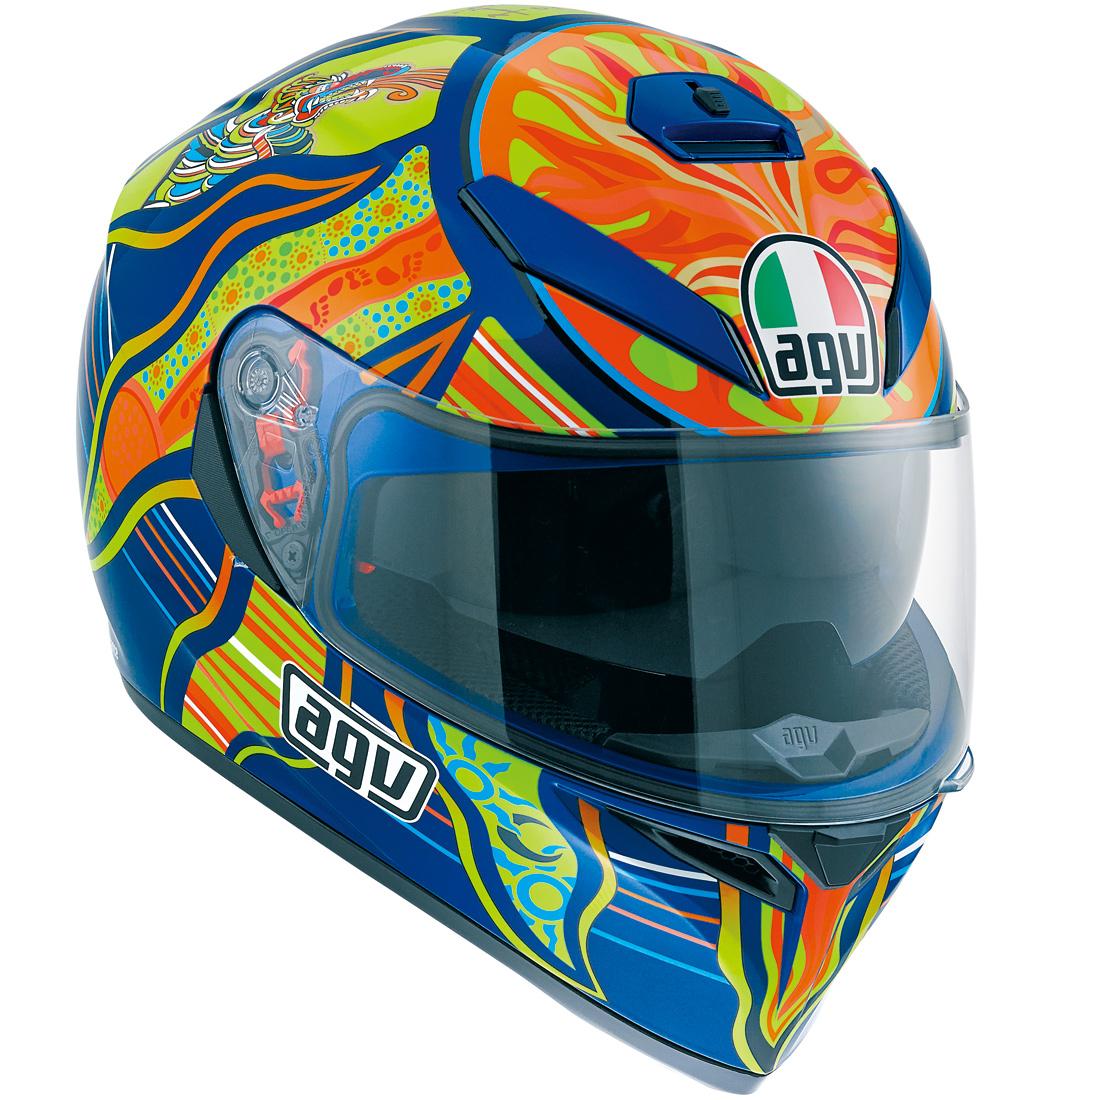 AGV(エージーブイ) バイク用ヘルメット フルフェイス K-3 SV FIVE CONTINENTS MPLK (ファイブ コンチネンツ) Lサイズ (59-60cm) 030190MF002-L